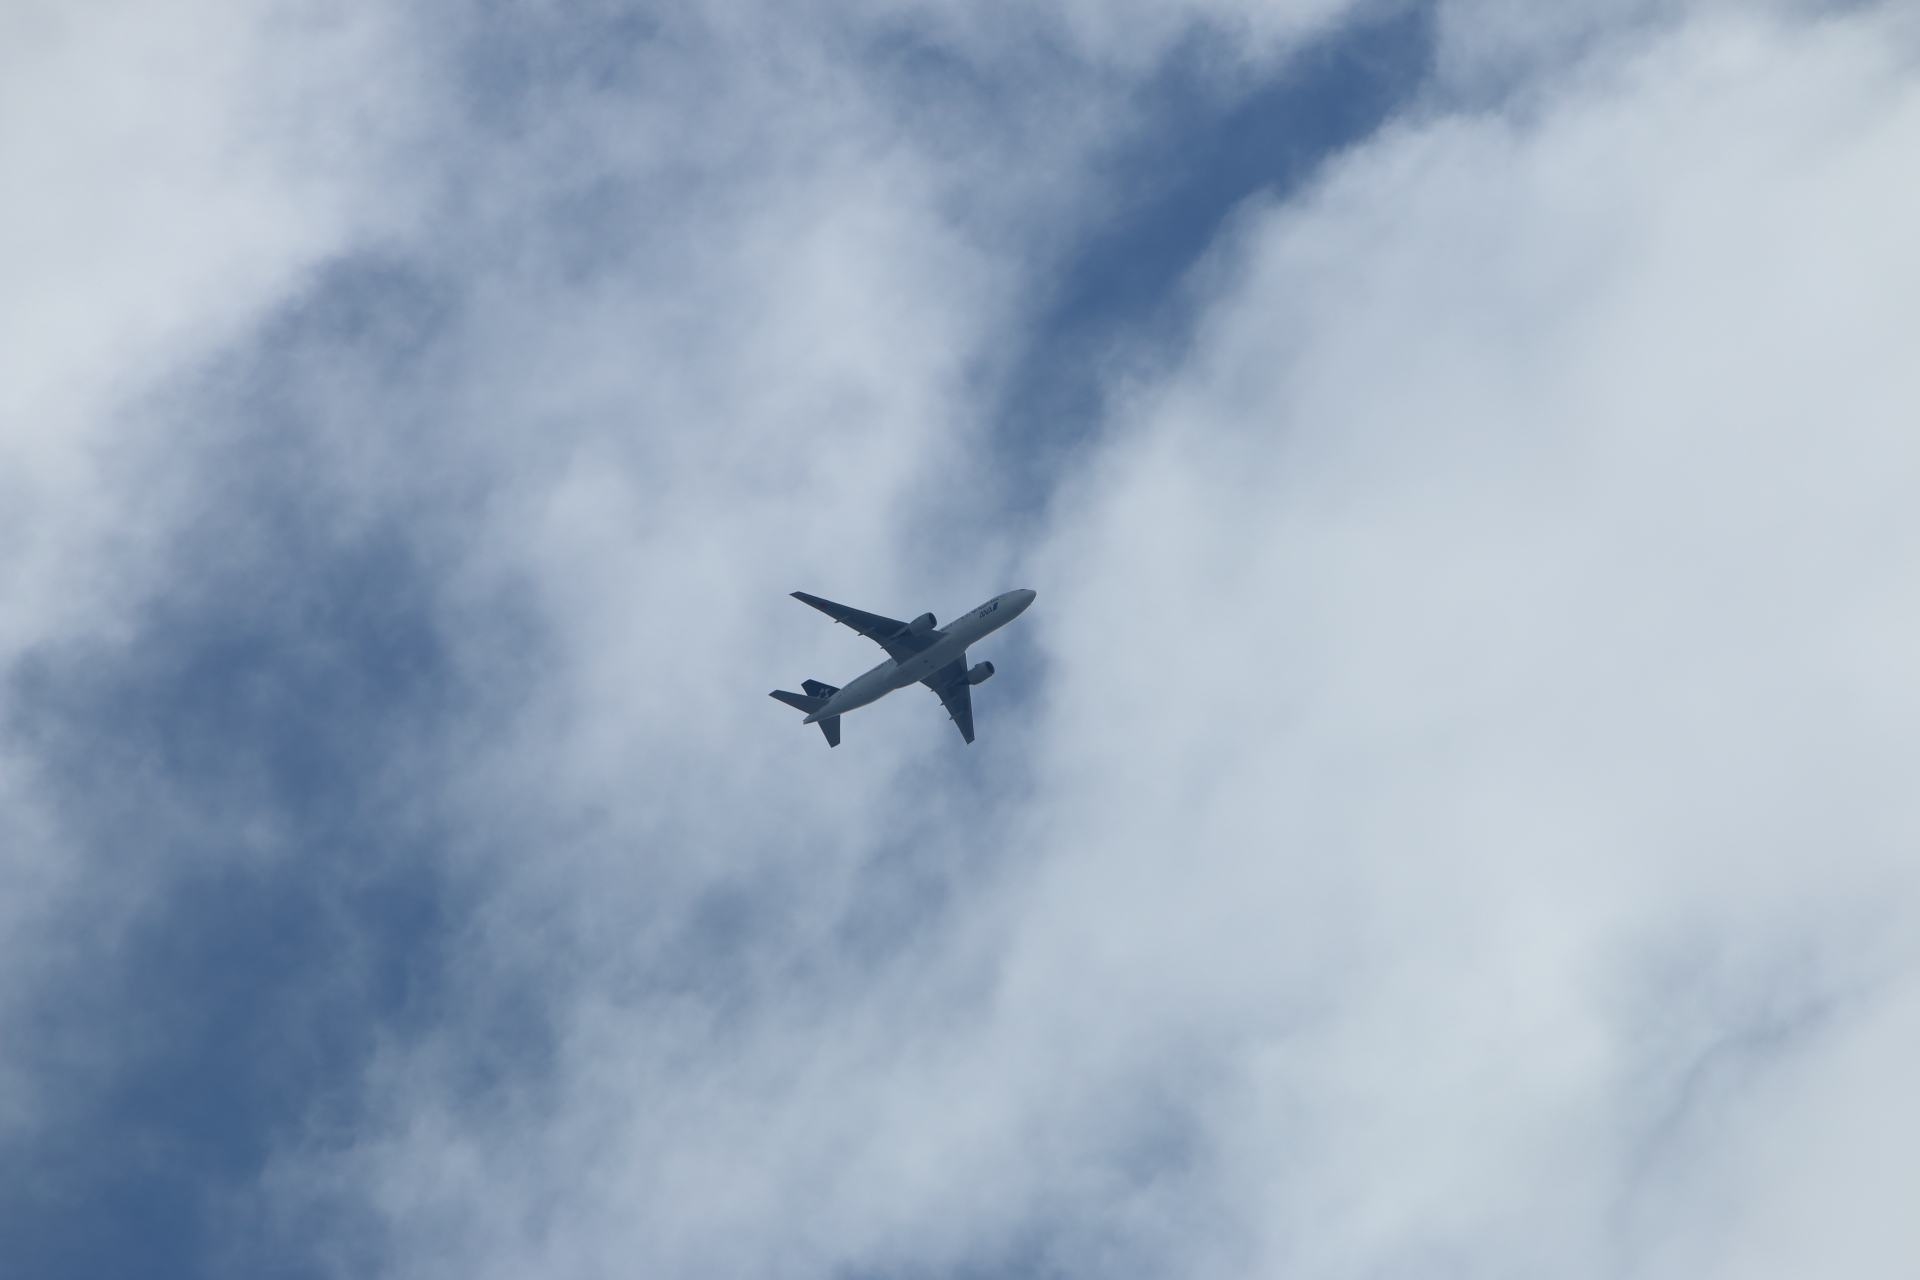 20190506雲と飛行機00000412